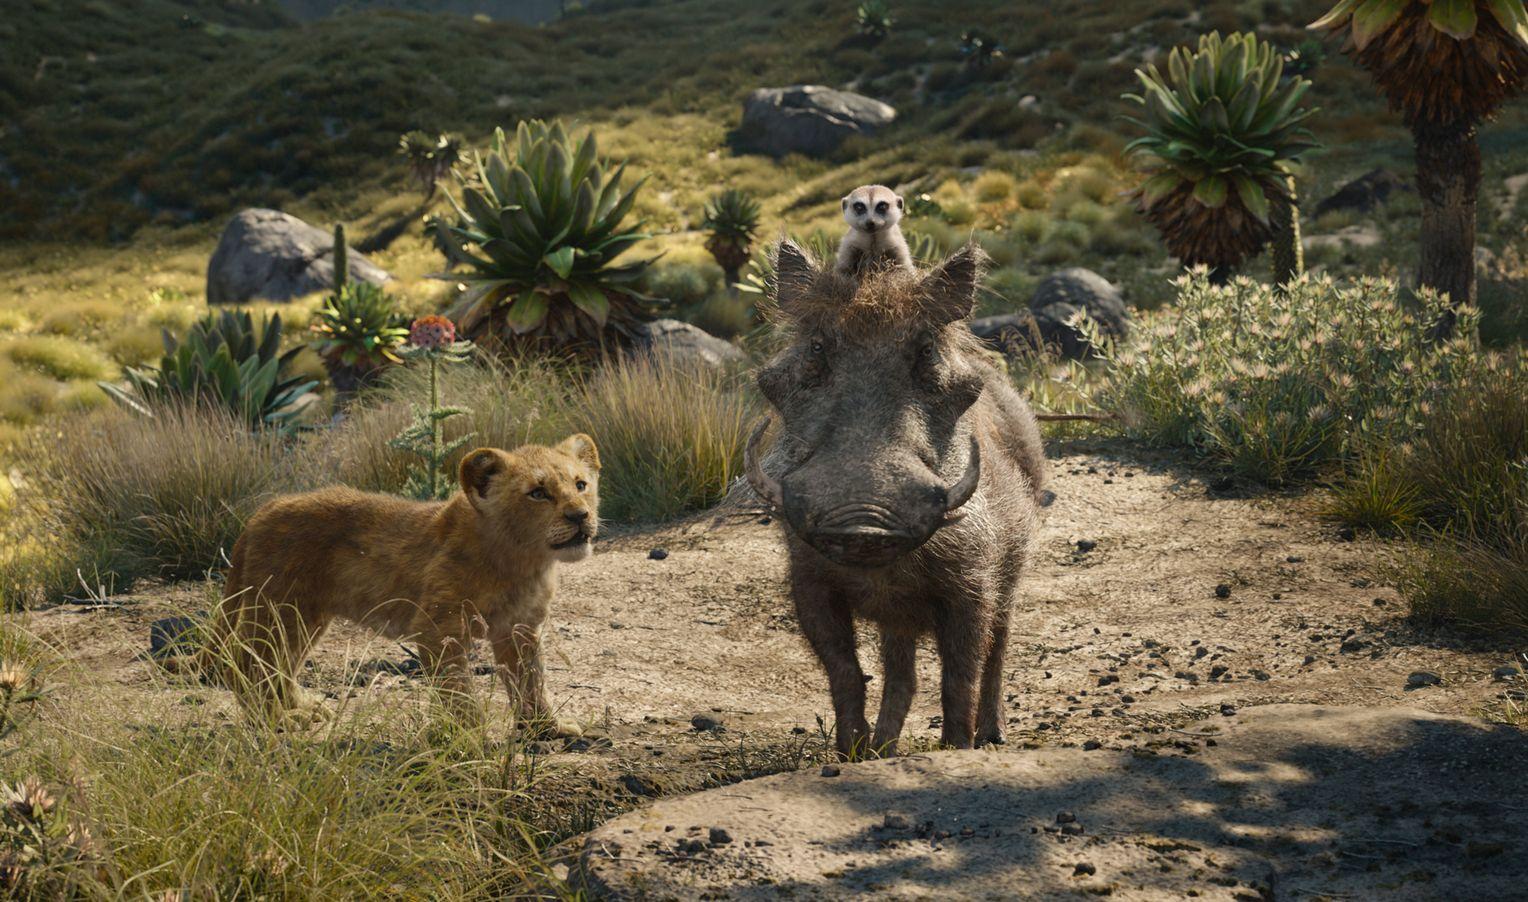 König der löwen film dauer